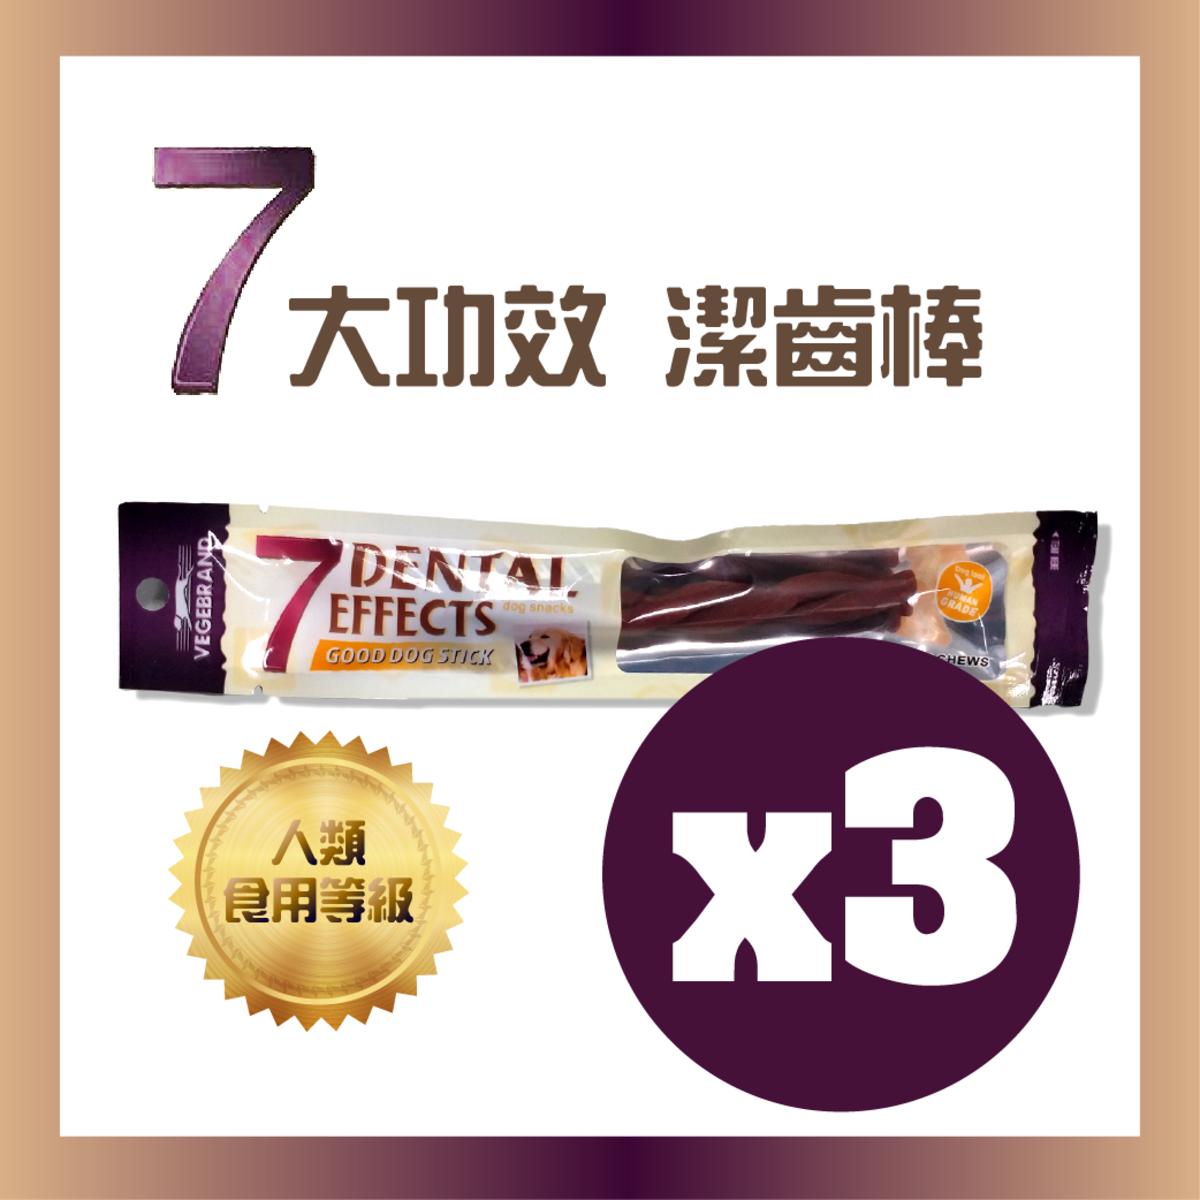 7重高效潔齒棒 (香烤牛肉棒) 3 枝 (VBD-1058_3)